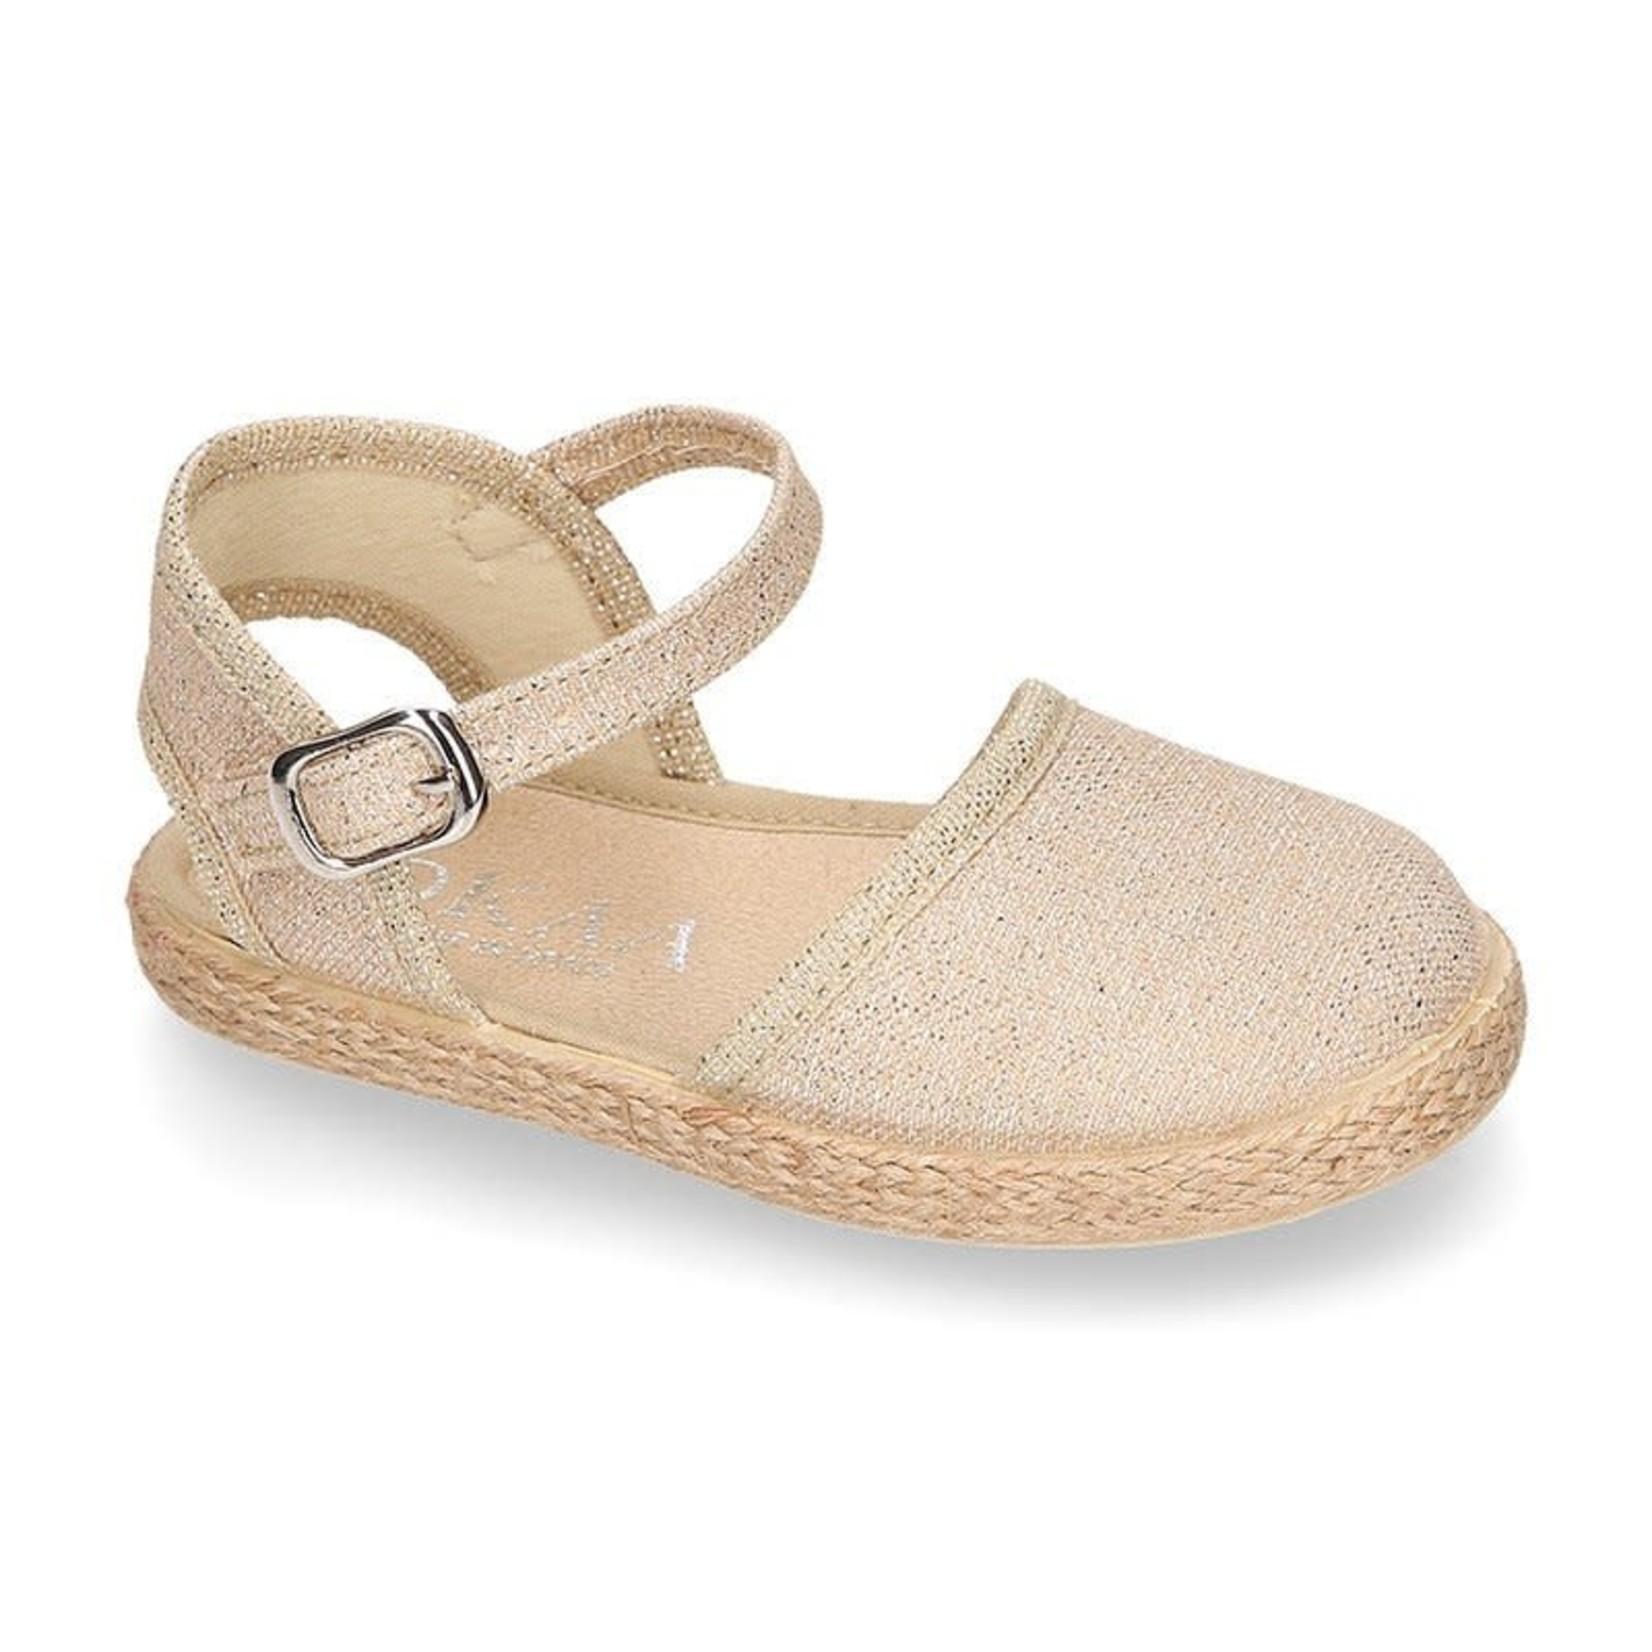 Okaa Shoe Chiara